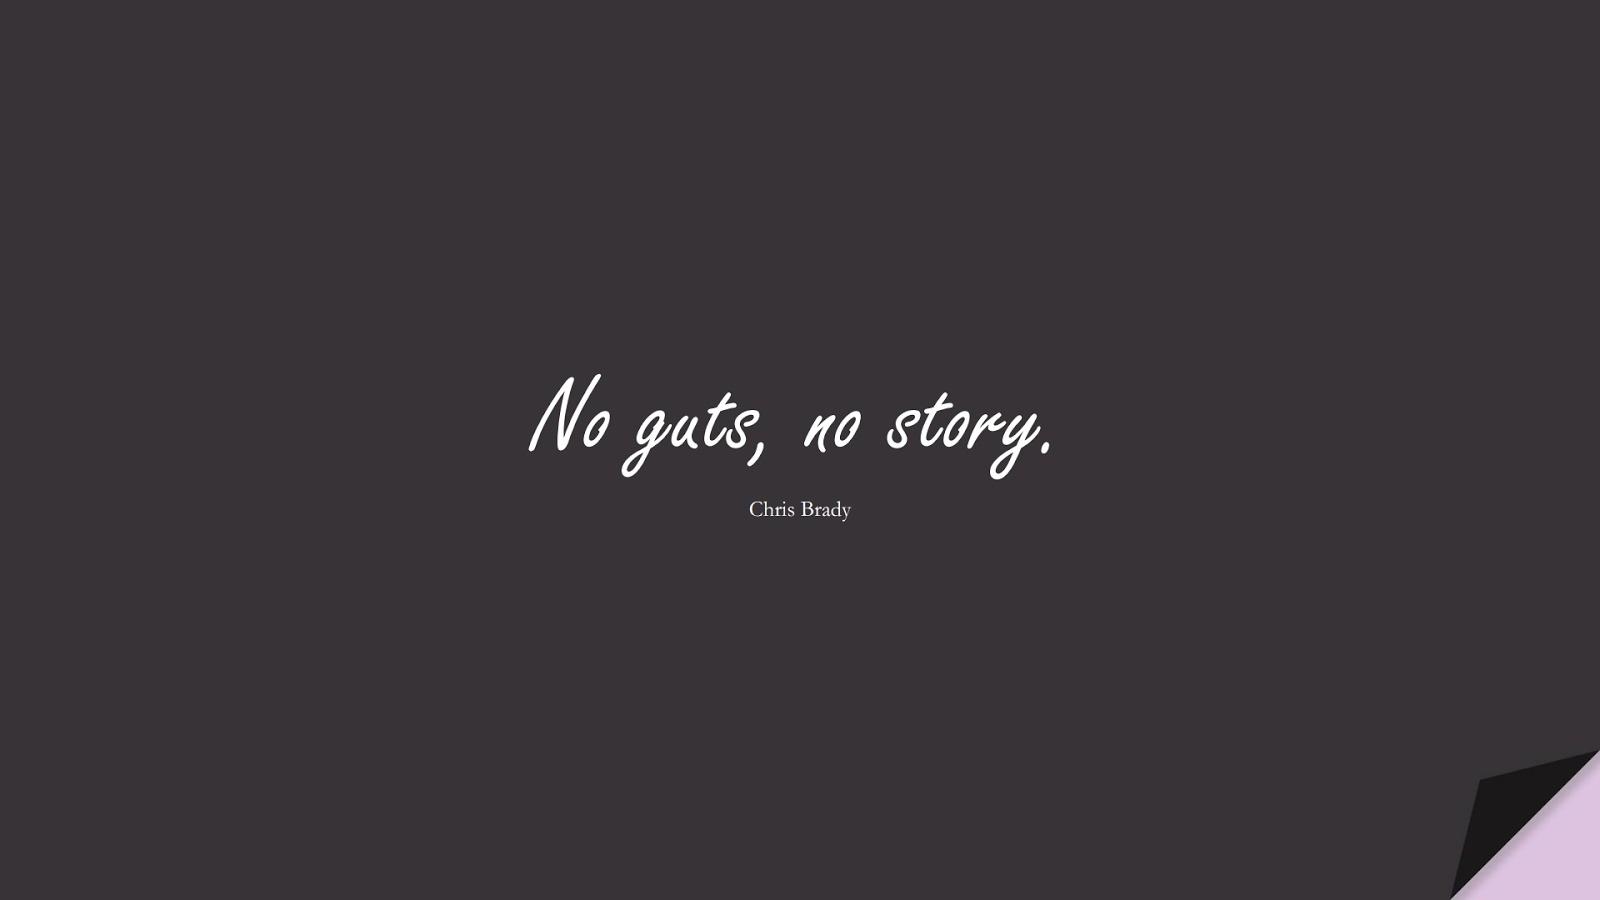 No guts, no story. (Chris Brady);  #ShortQuotes